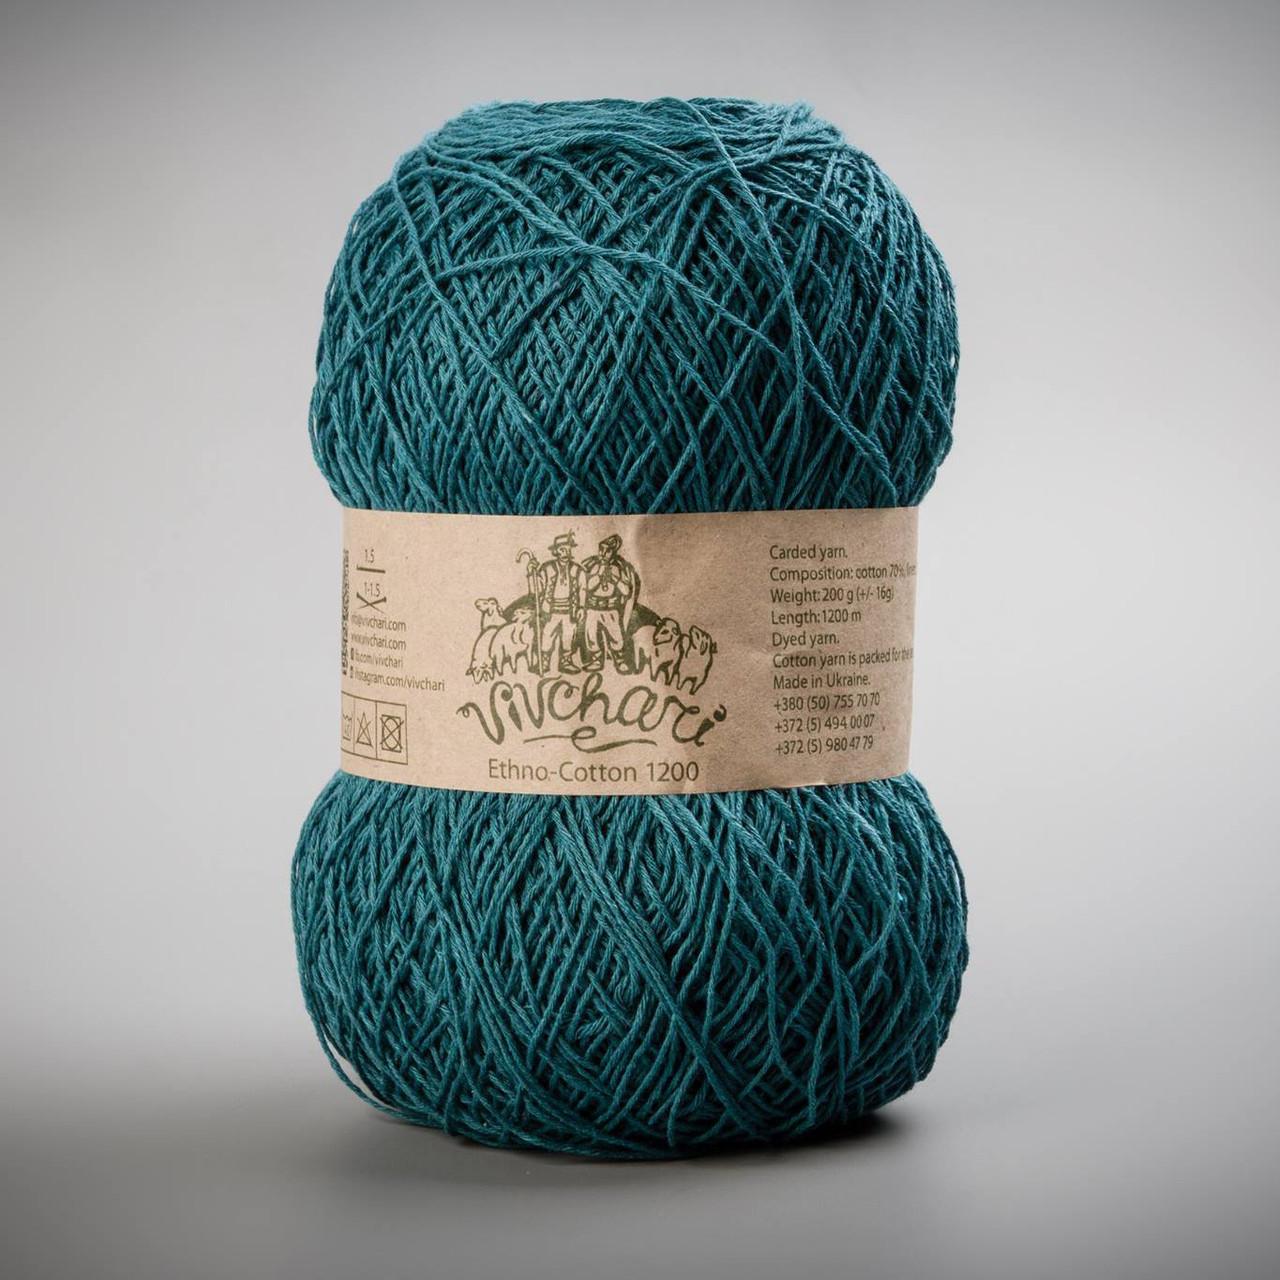 Пряжа лен и хлопок Vivchari Ethno-Cotton 1200, цвет 026 темная морская волна